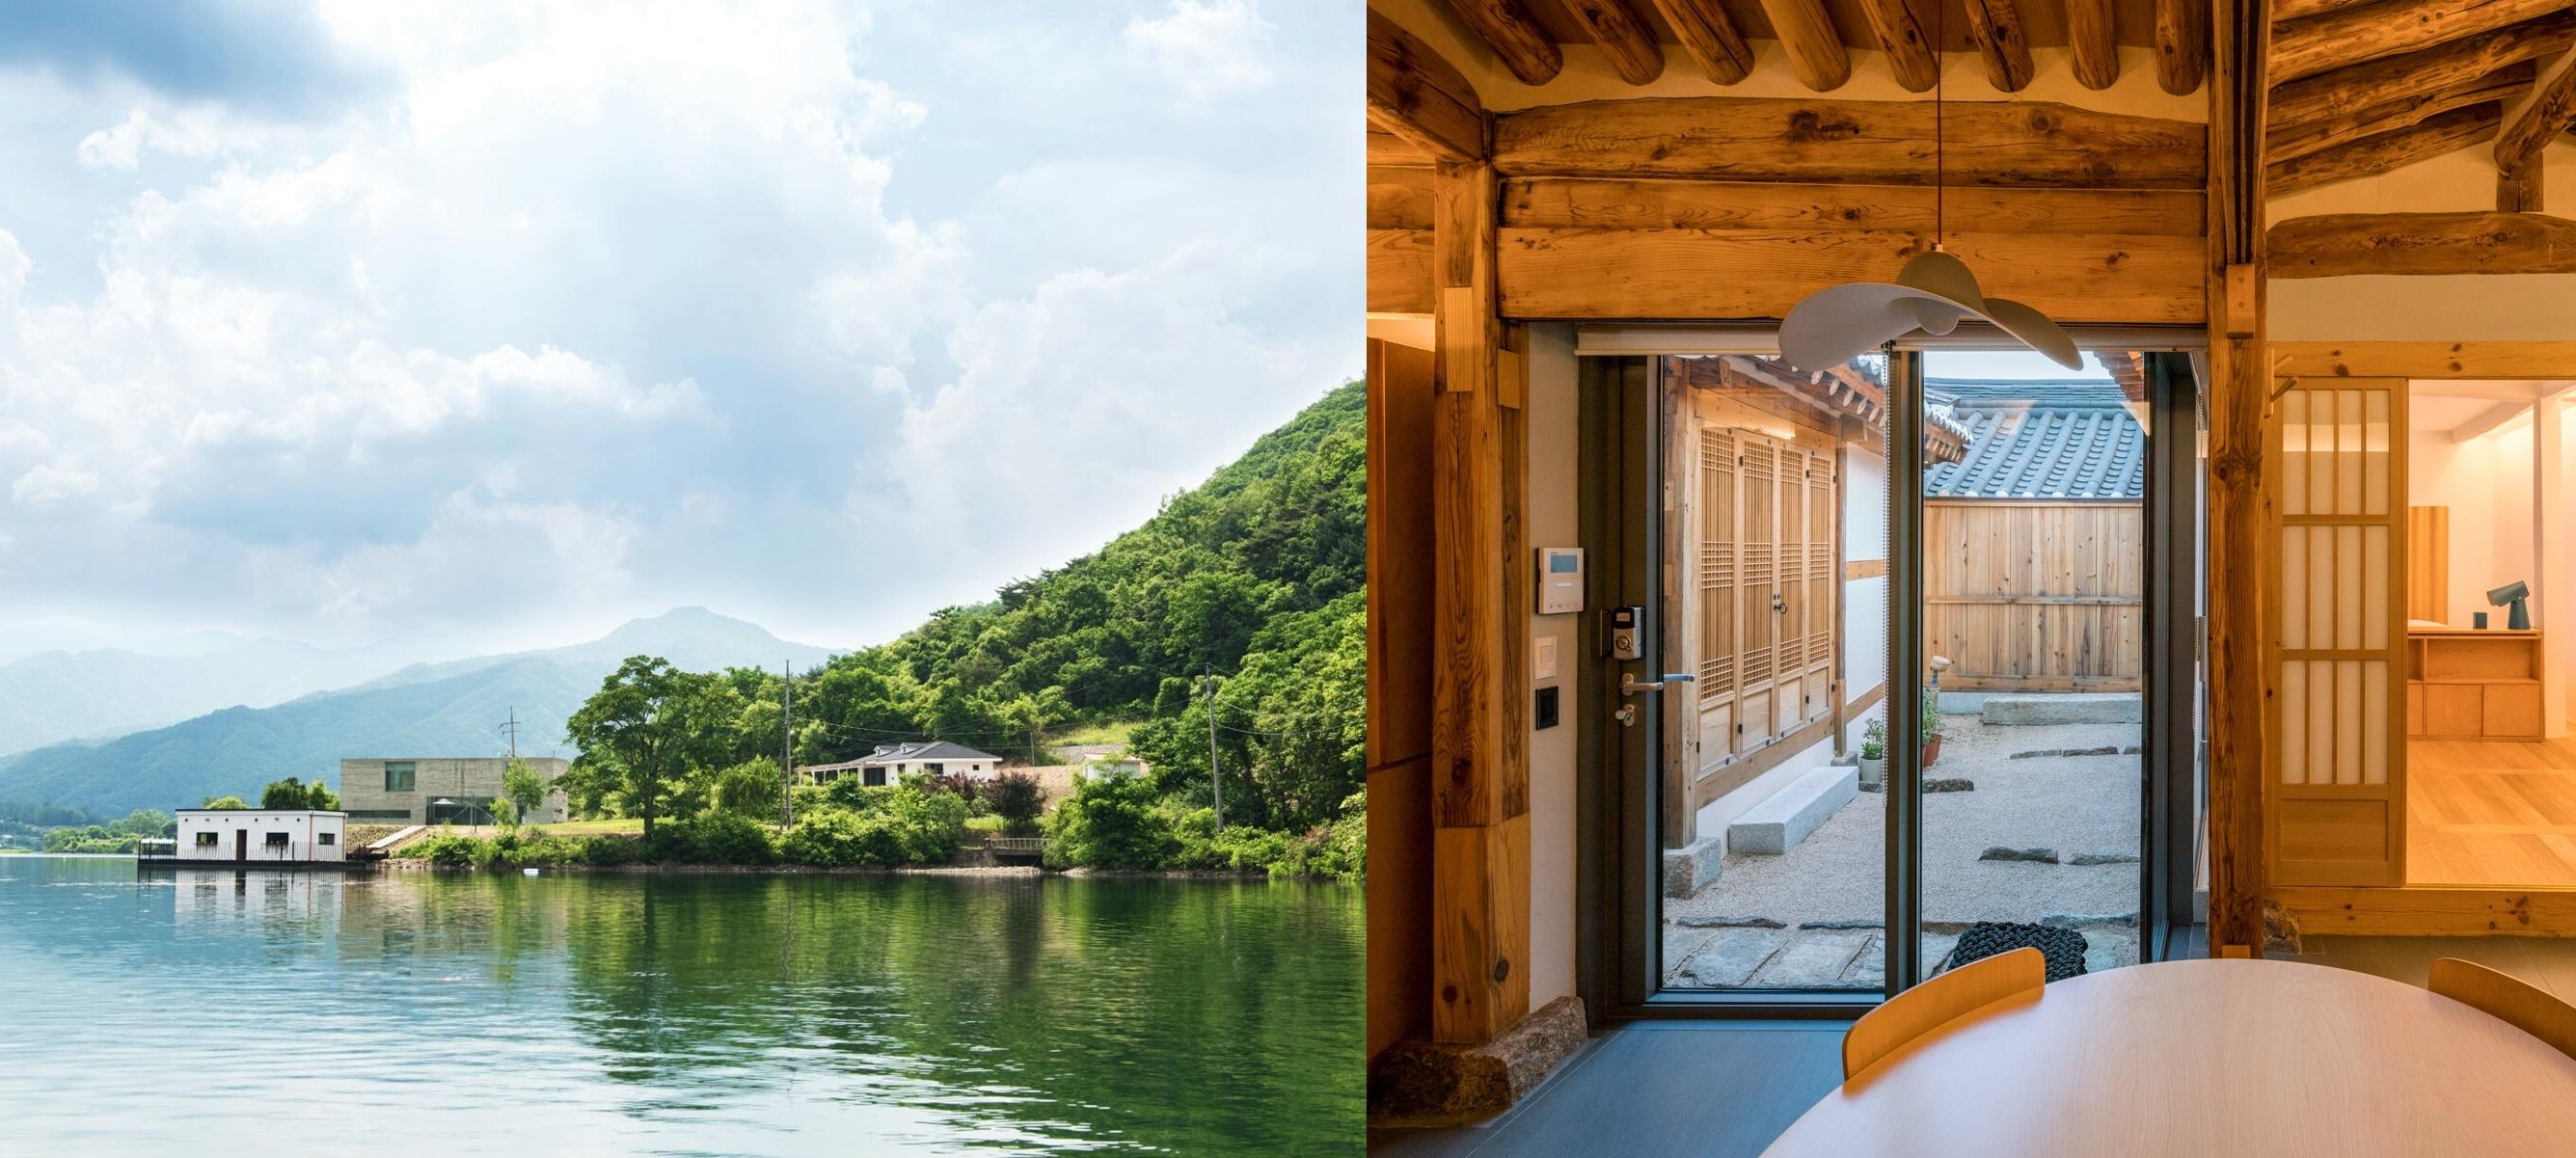 에어비앤비가 추천한 건축과 인테리어가 인상적인 국내 이색 디자인 숙소를 소개한다.